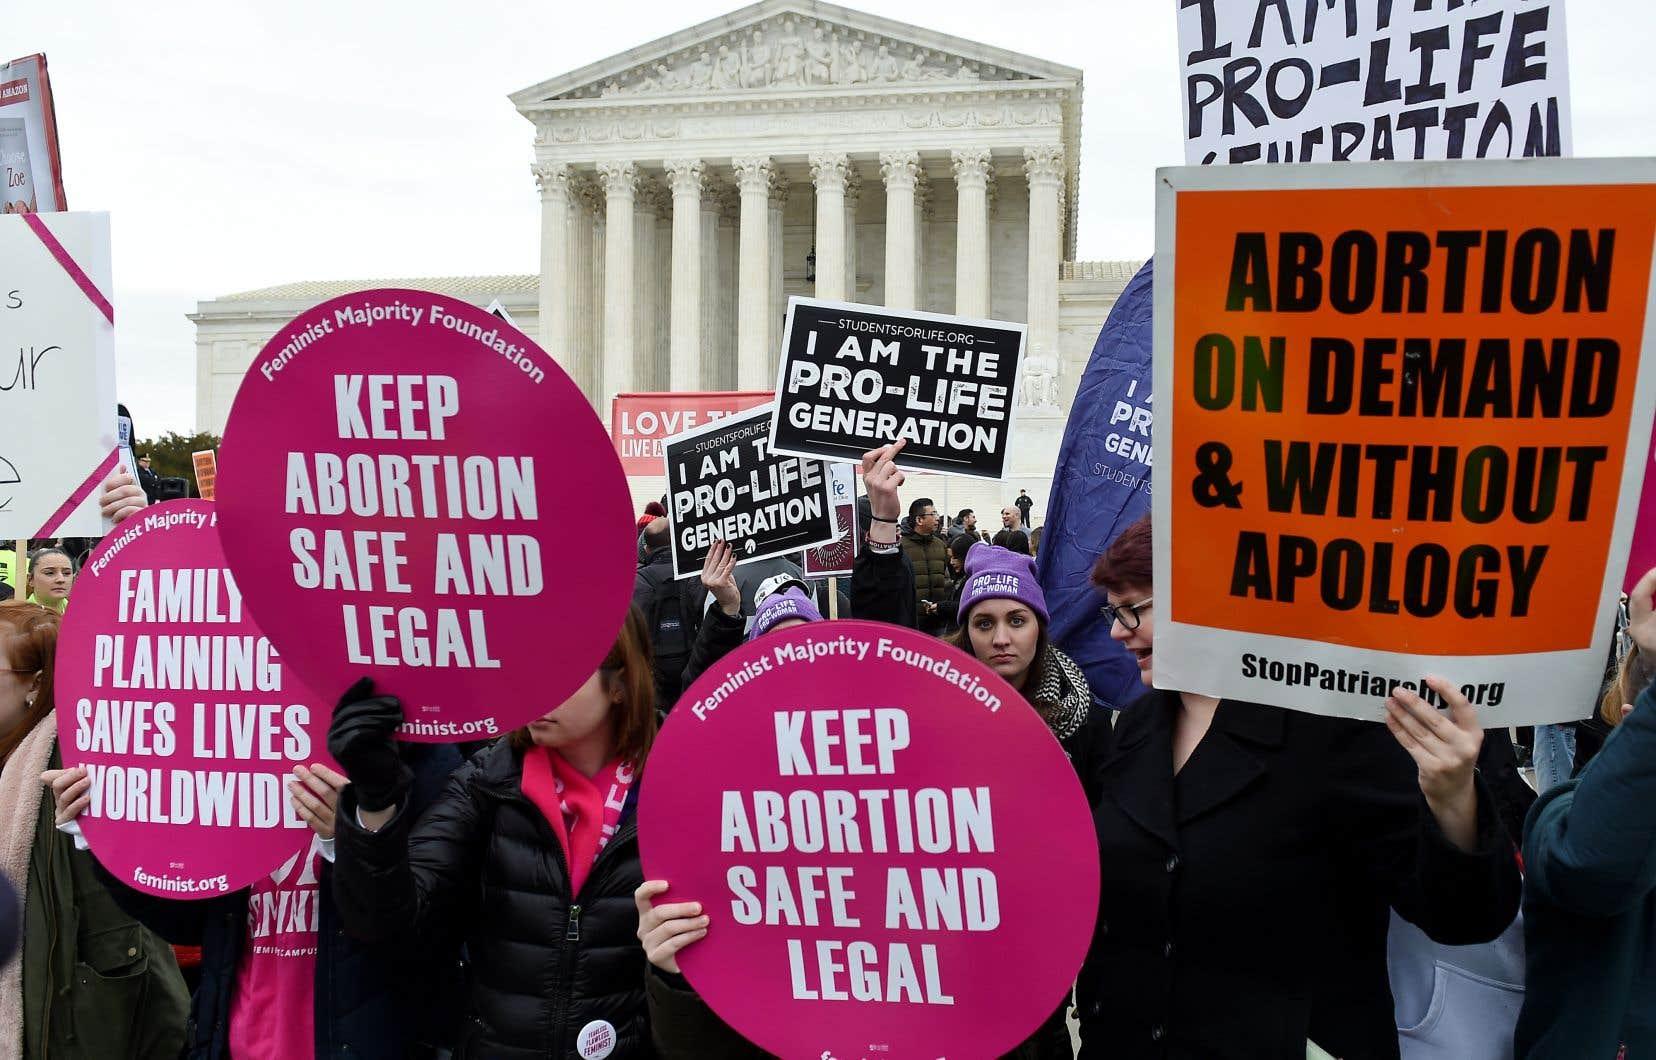 Des militants pro-choix et pro-vie manifestent devant la Cour suprême des États-Unis le 24 janvier 2020, à Washington.